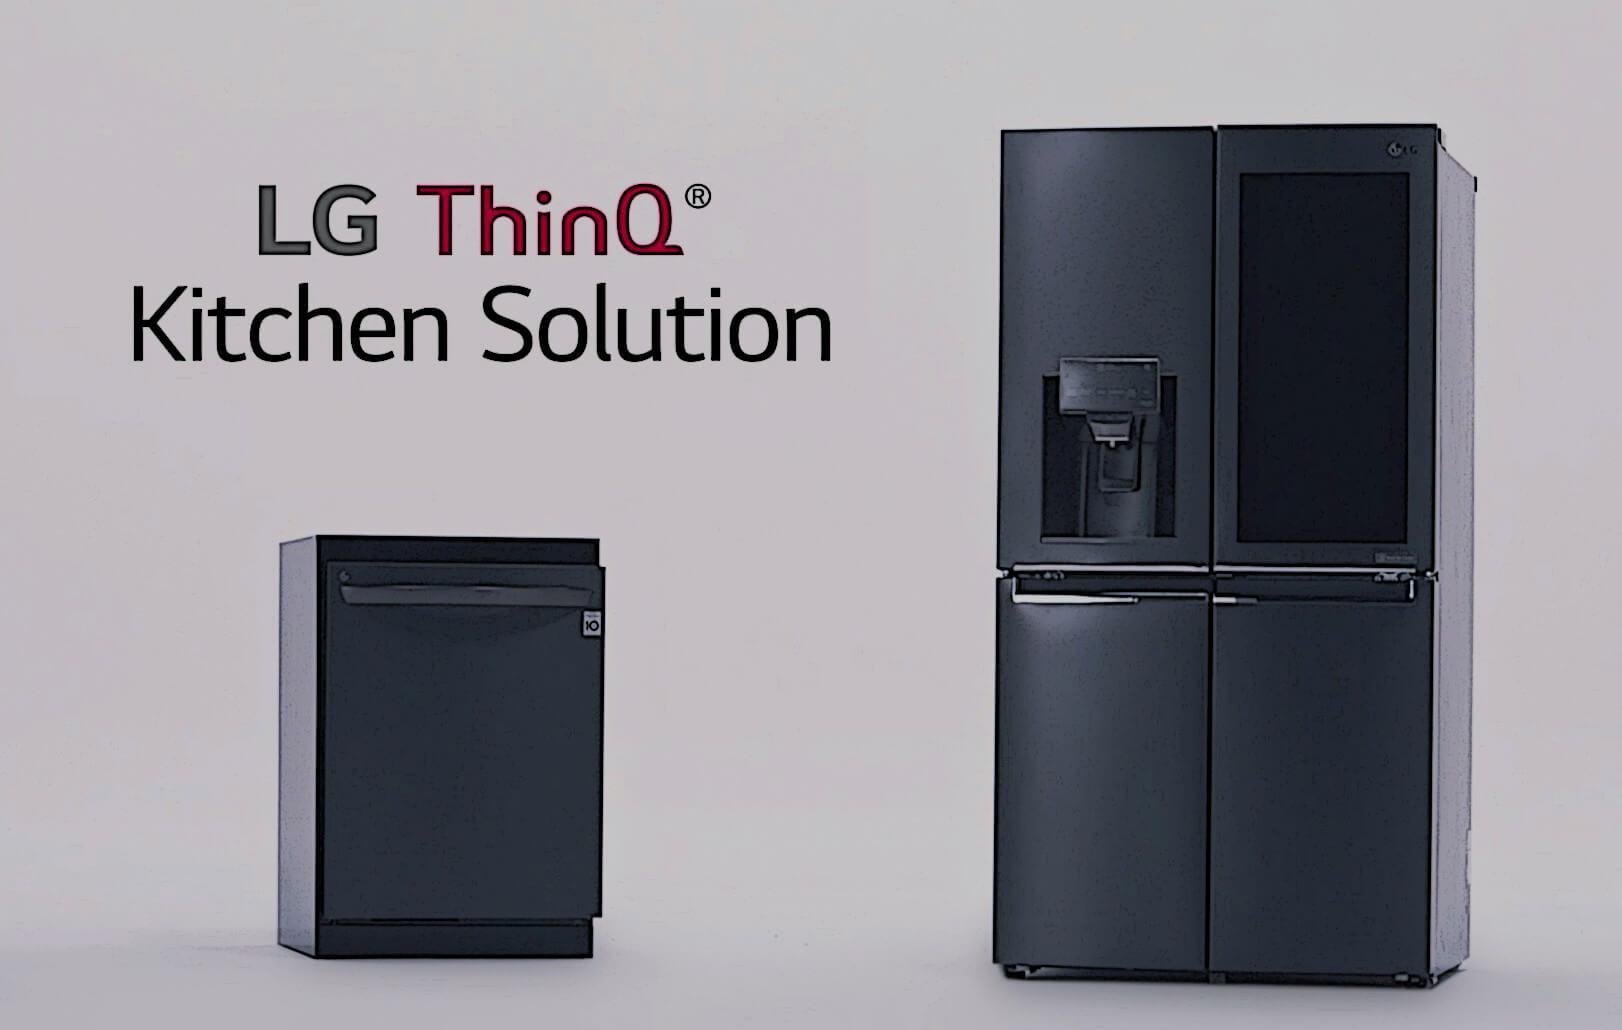 LG ThinQ Kitchen Solution Release crop